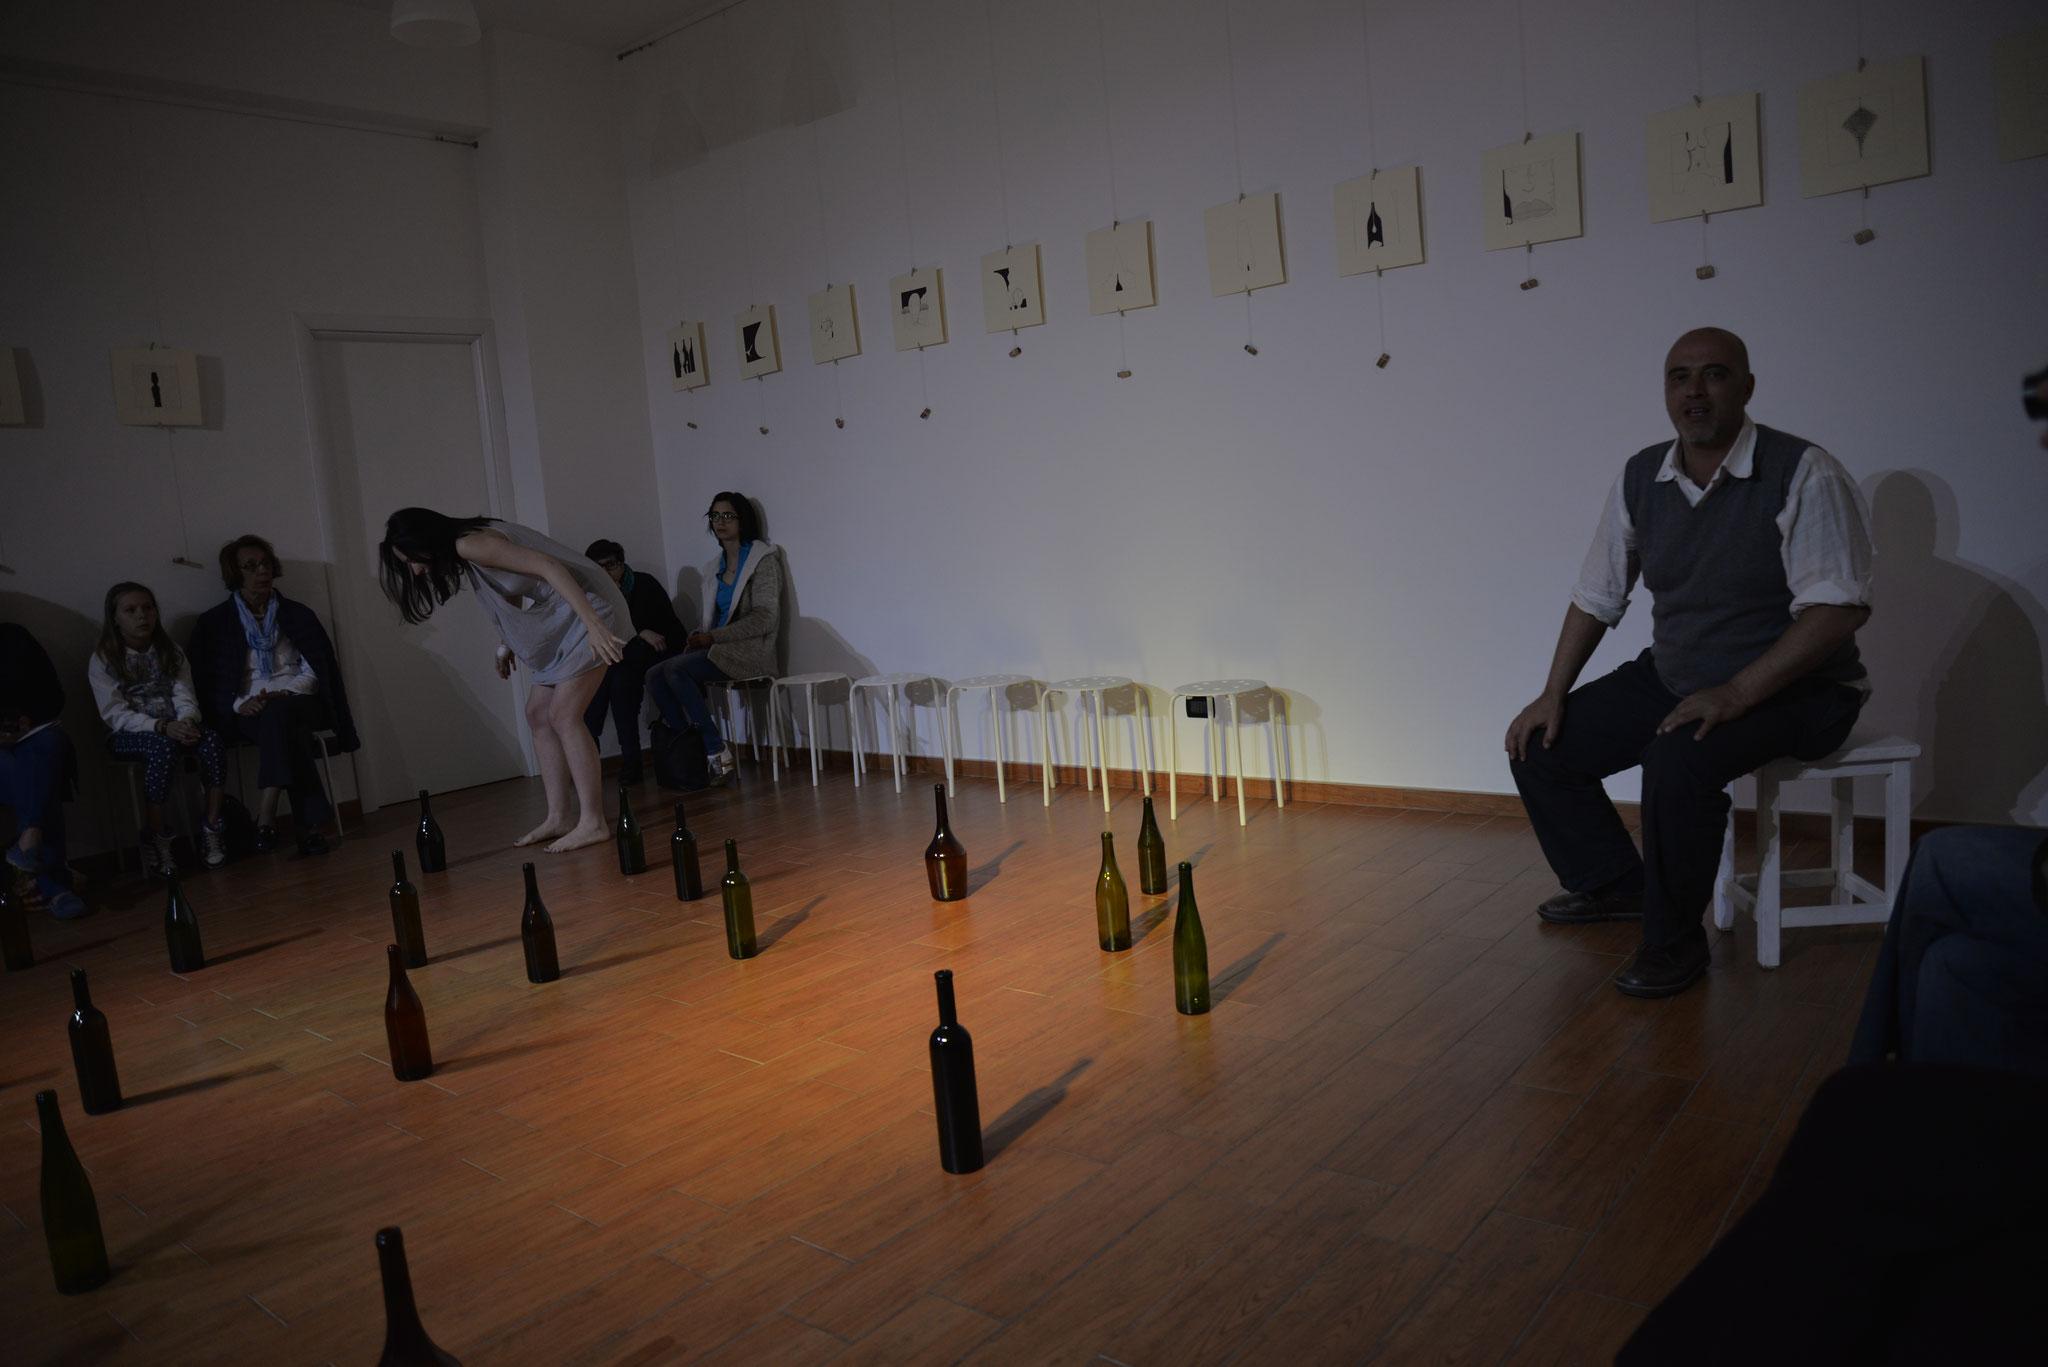 Foto di Marco Iacuaniello - Performance LA TAVRENA DI BREST di Salvatore Smedile, Alberto Valente e Siria Capellano